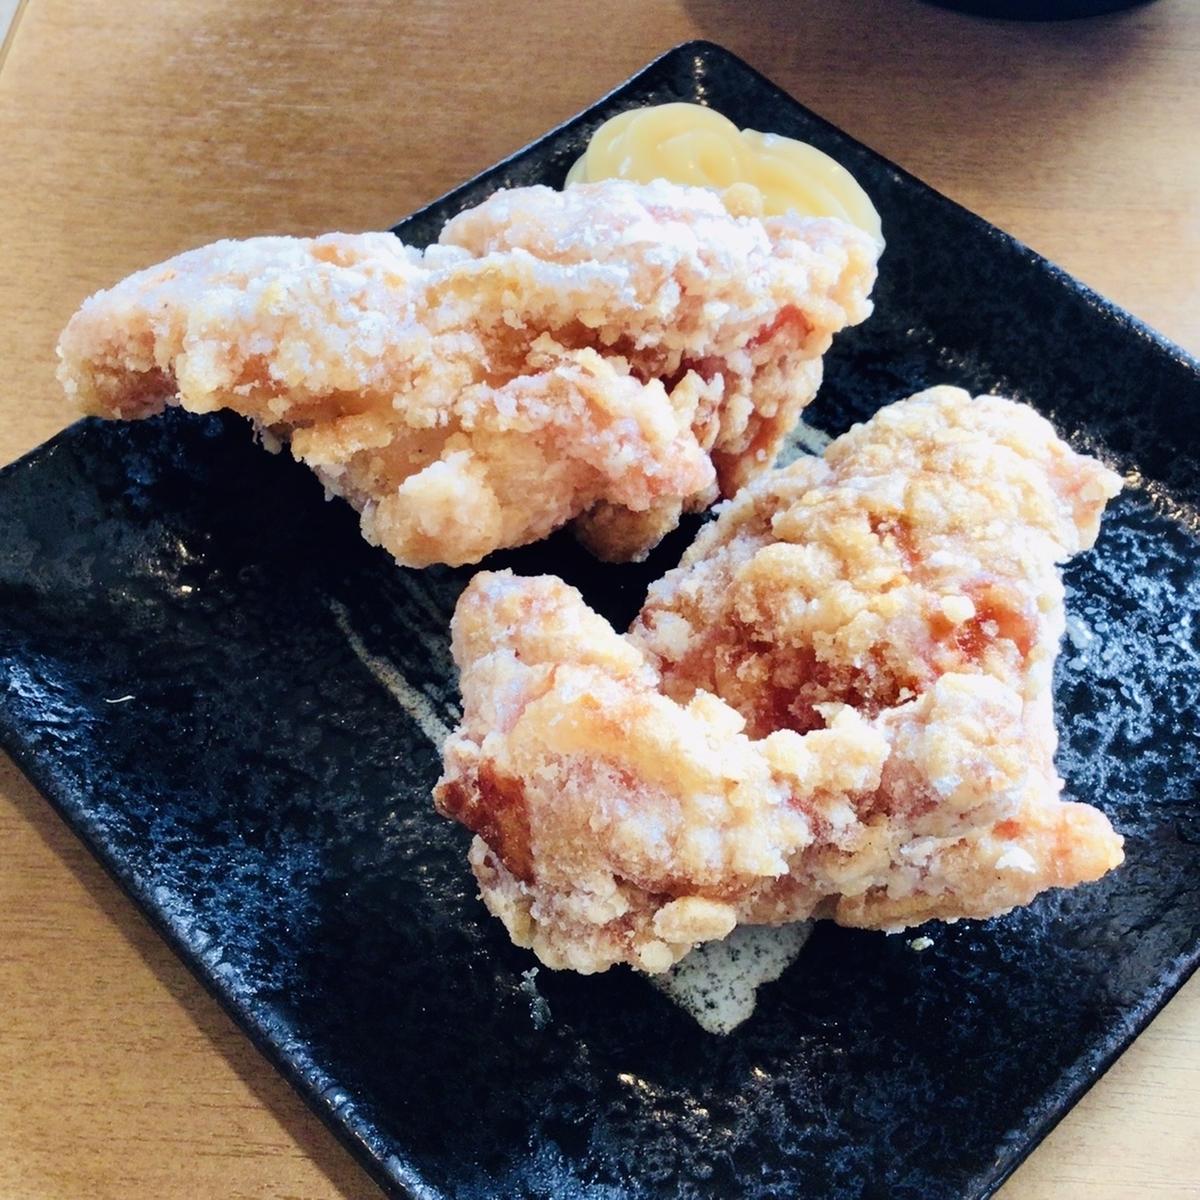 f:id:yumeusagiyukiusagi:20210724221411j:plain